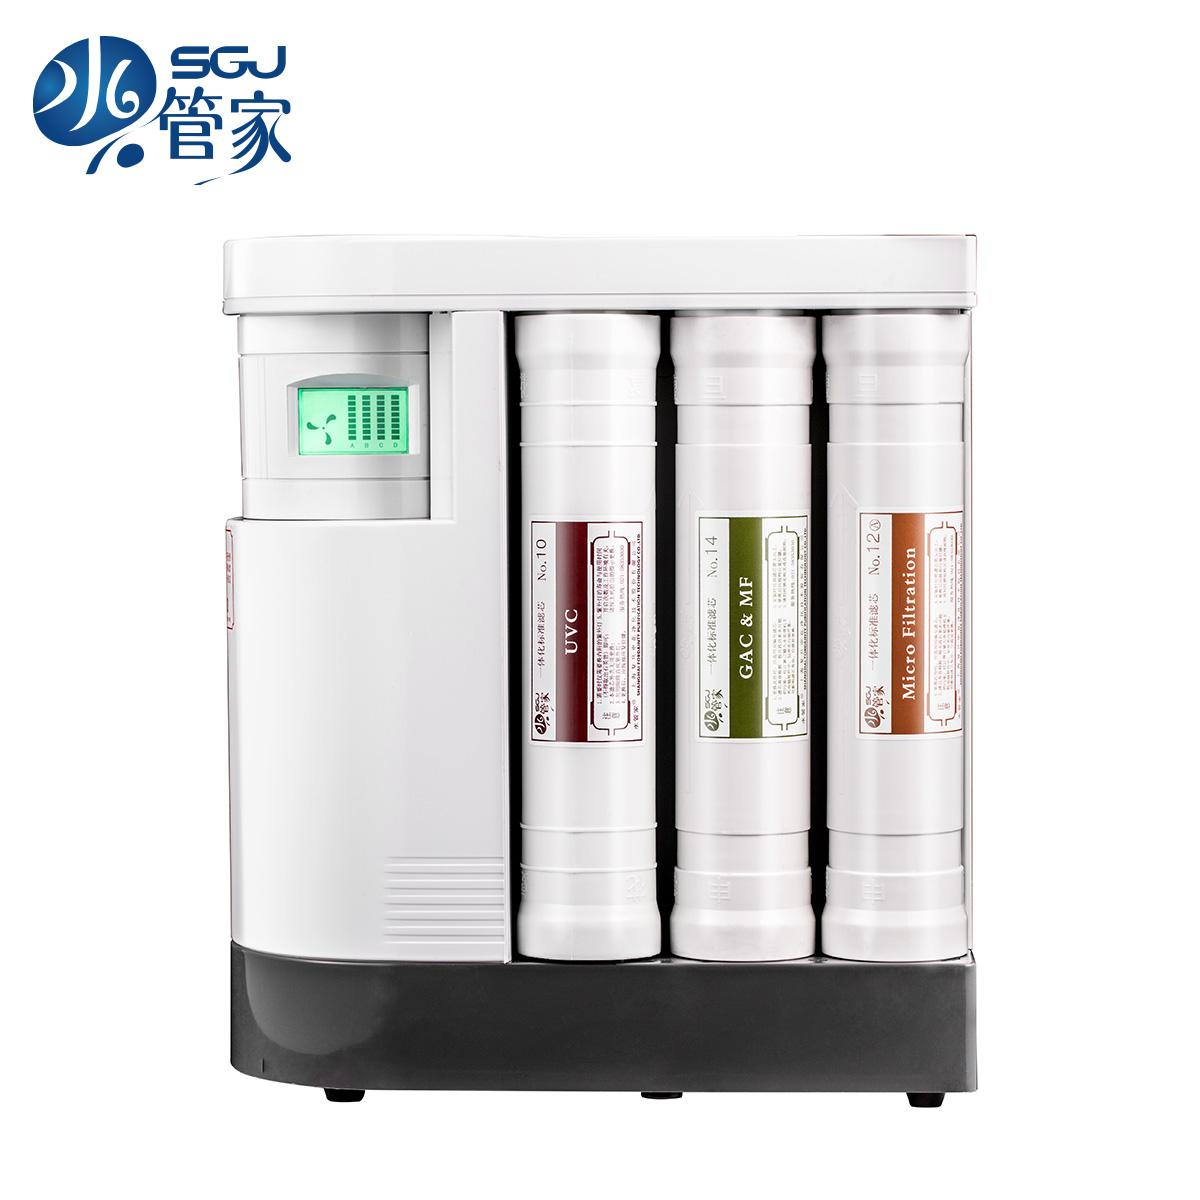 ~复旦申花水管家净水器家用直饮过滤器自来水超滤家用厨房净水机